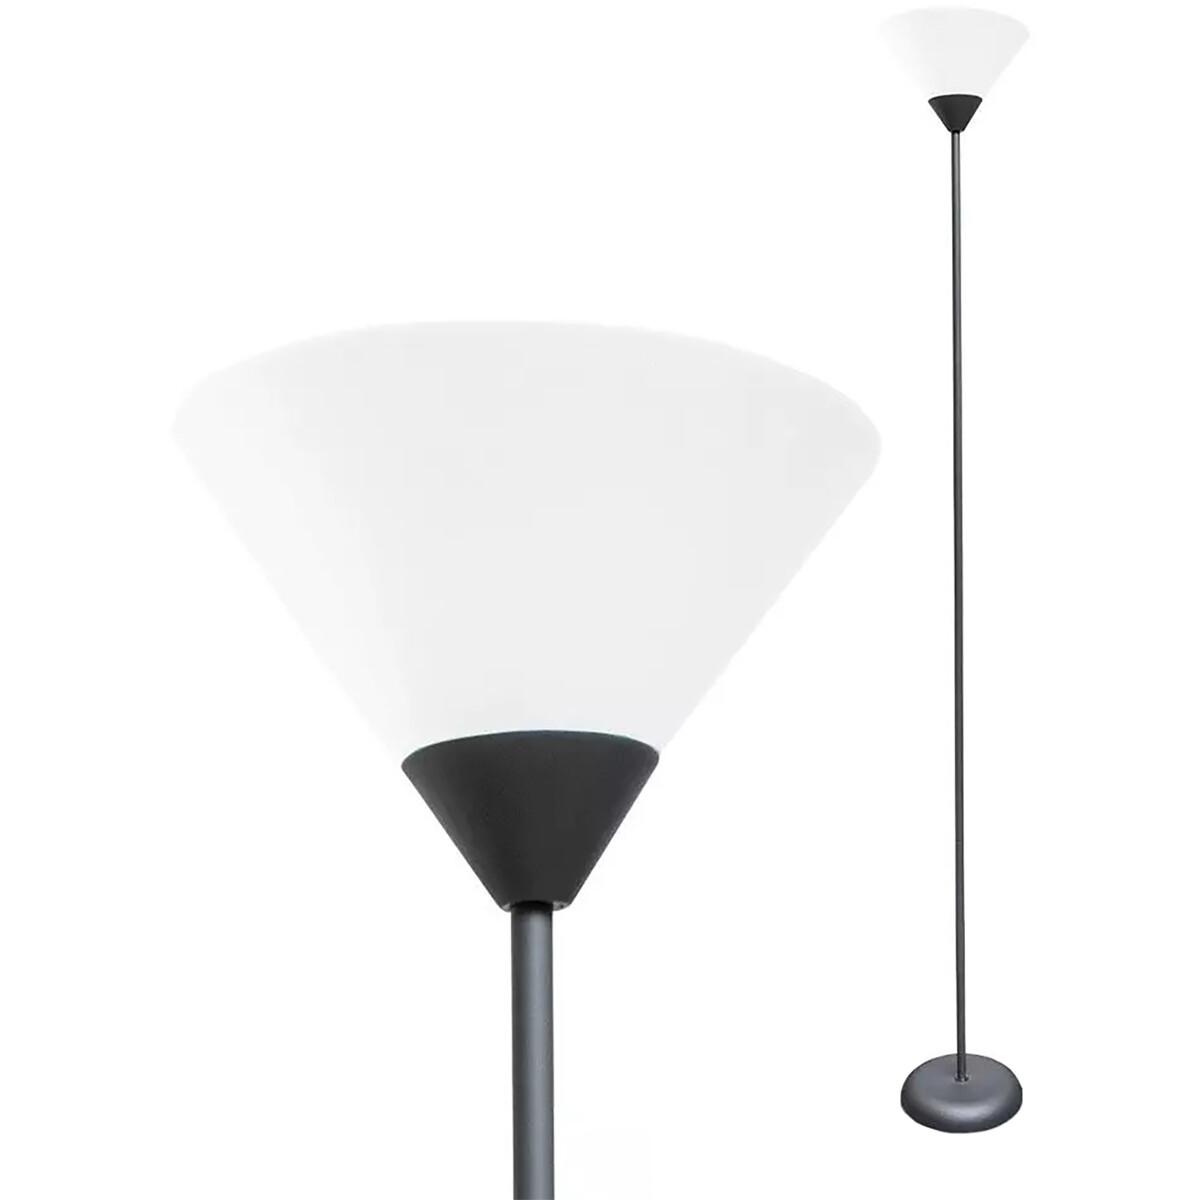 LED Vloerlamp - Viron Askon - E27 Fitting - Rond - Mat Zwart - Kunststof